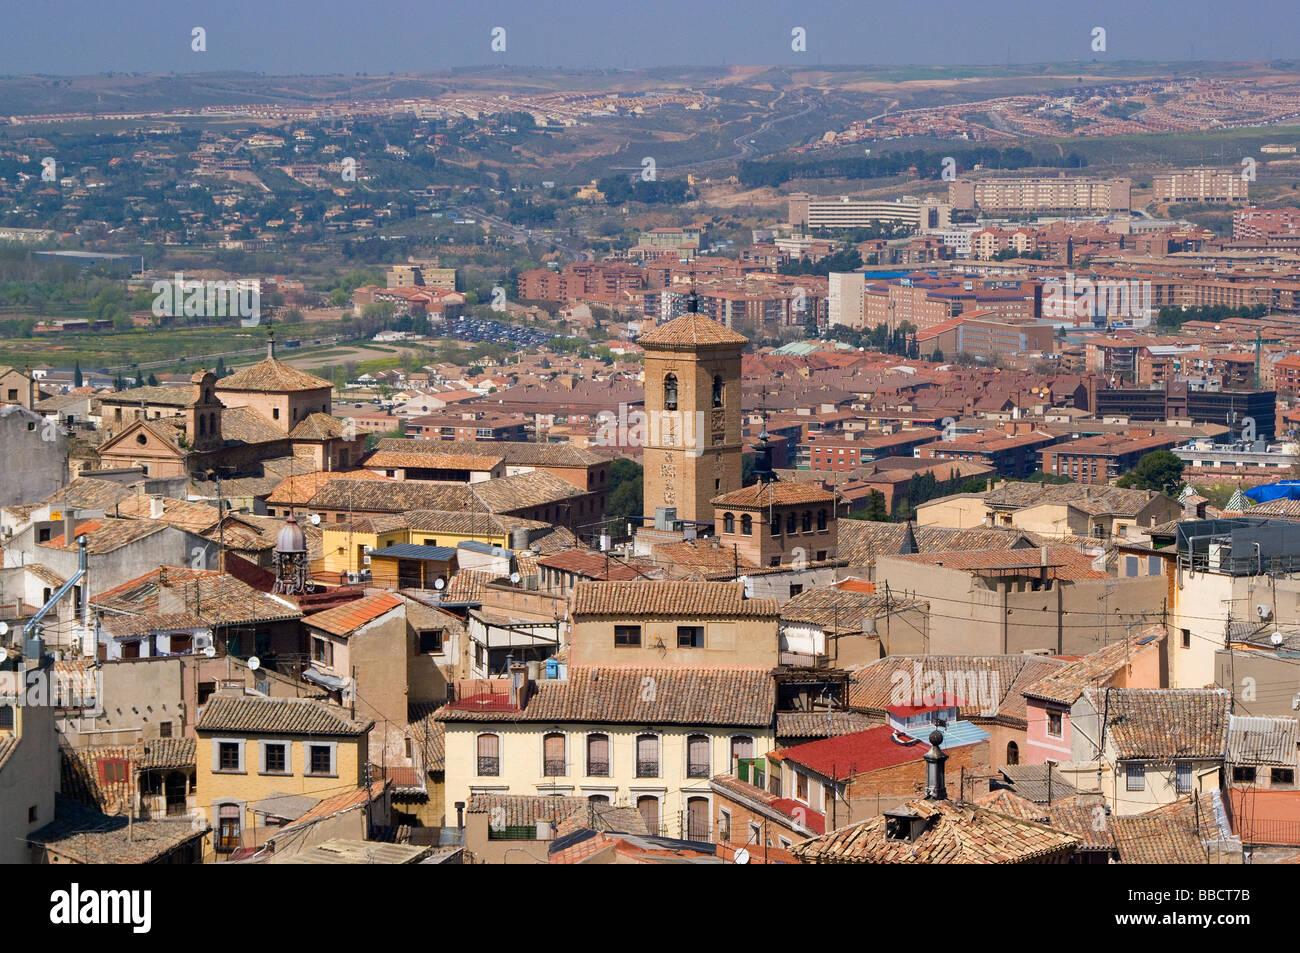 Vista aerea de la ciudad de toledo desde el Alcazar View of Toledo from the Alcazar - Stock Image